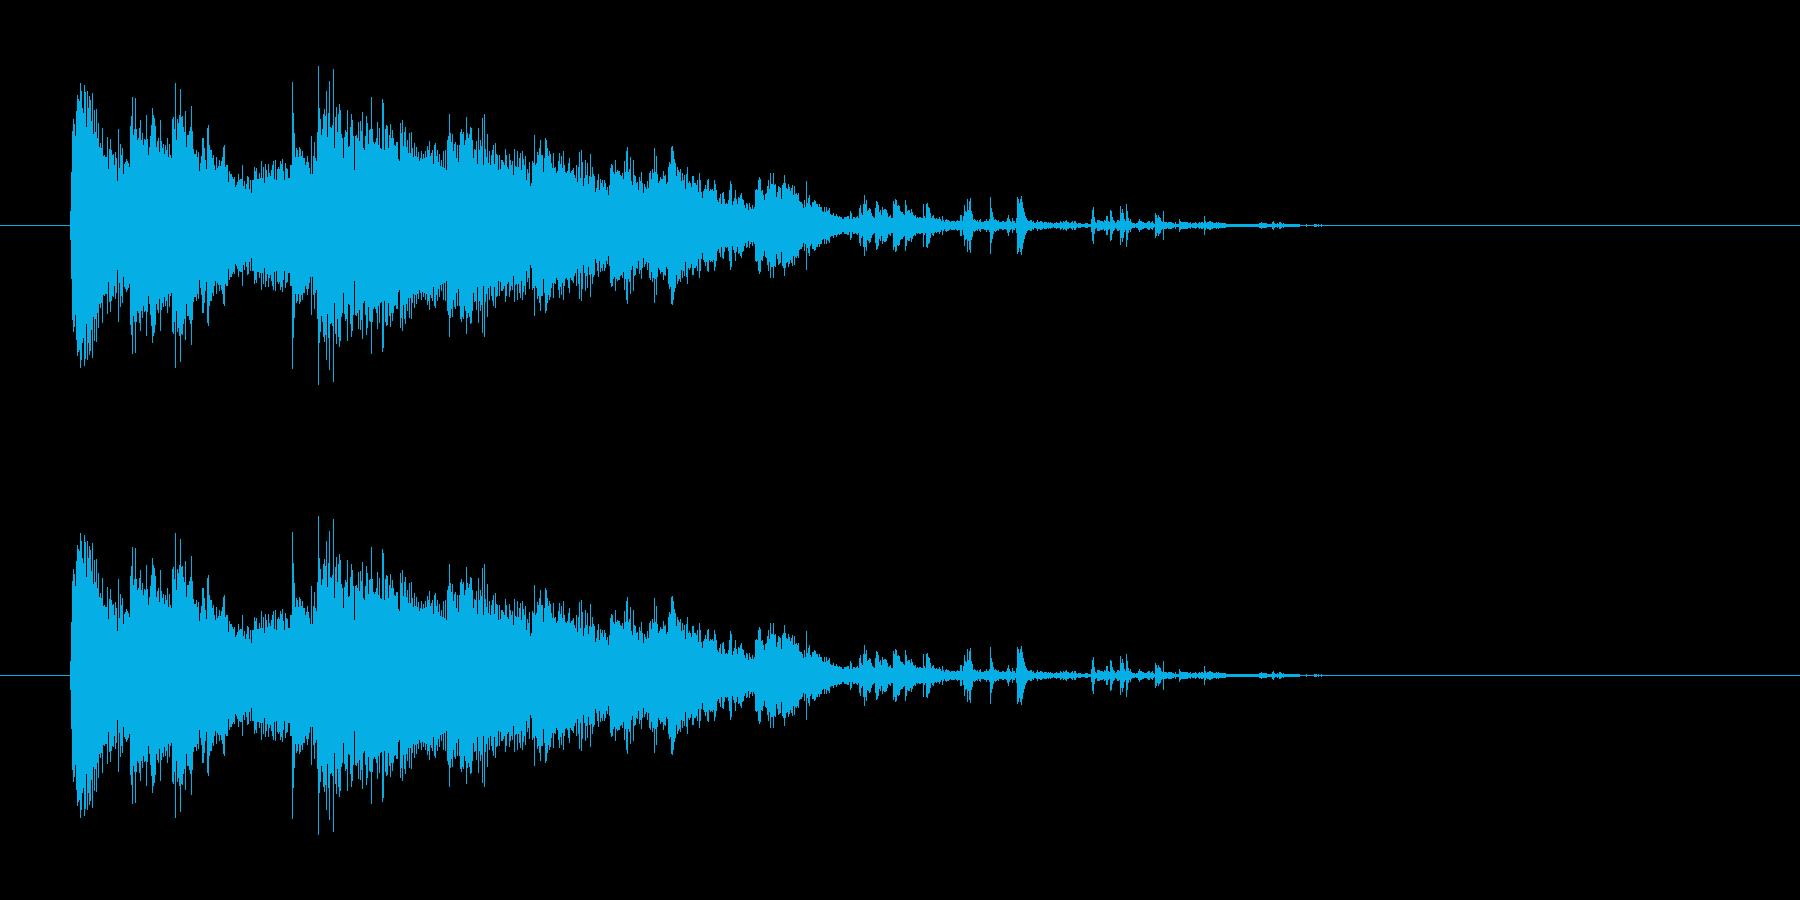 ガシャーン(氷、ガラス等が砕ける音)の再生済みの波形